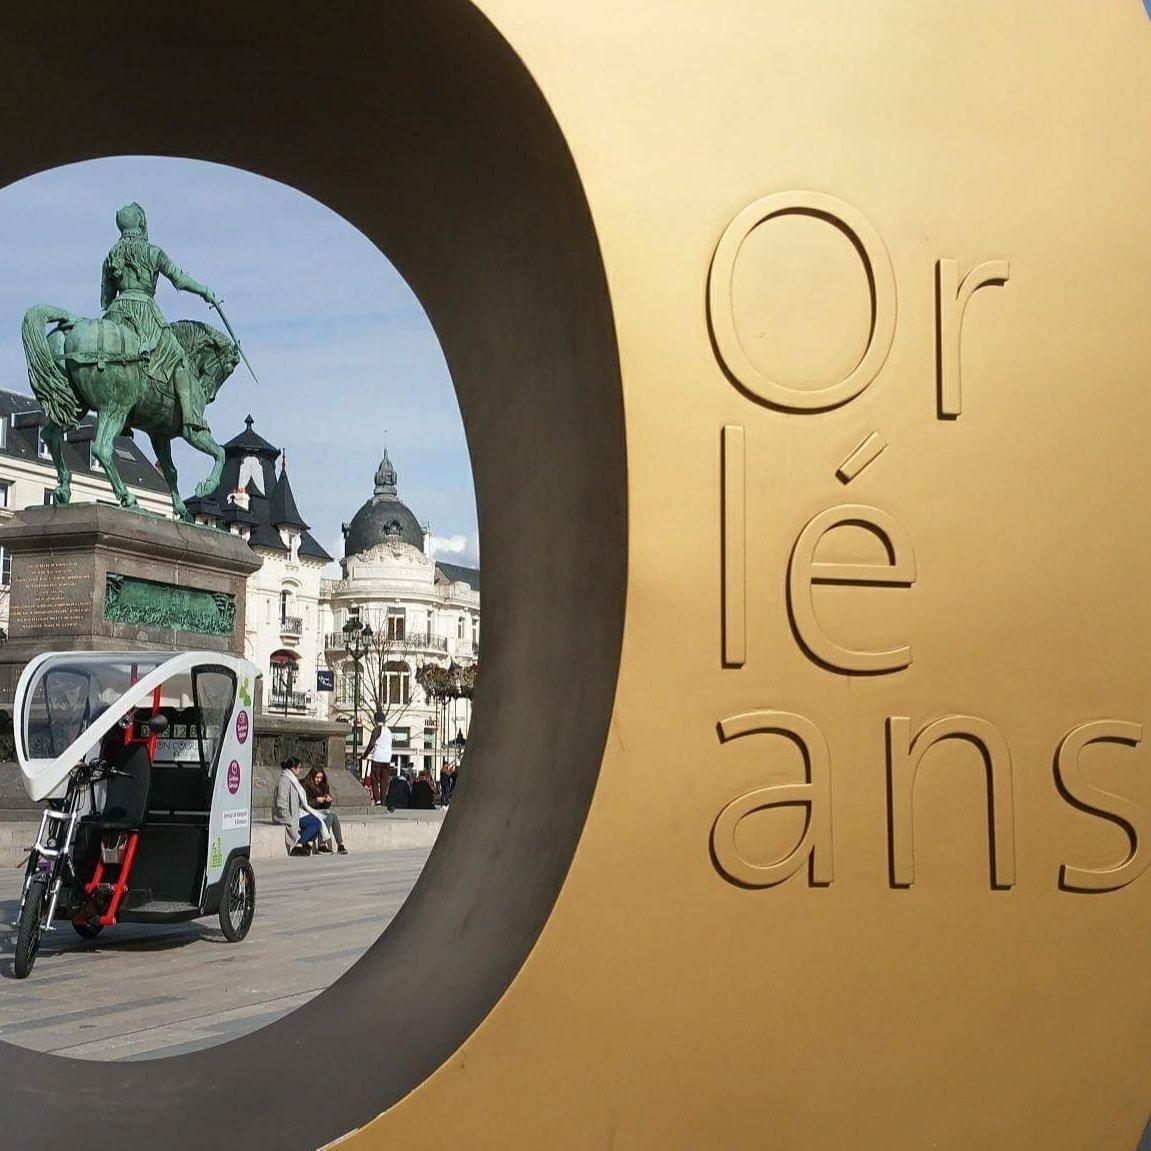 Vélo avec chauffeur Orléans: